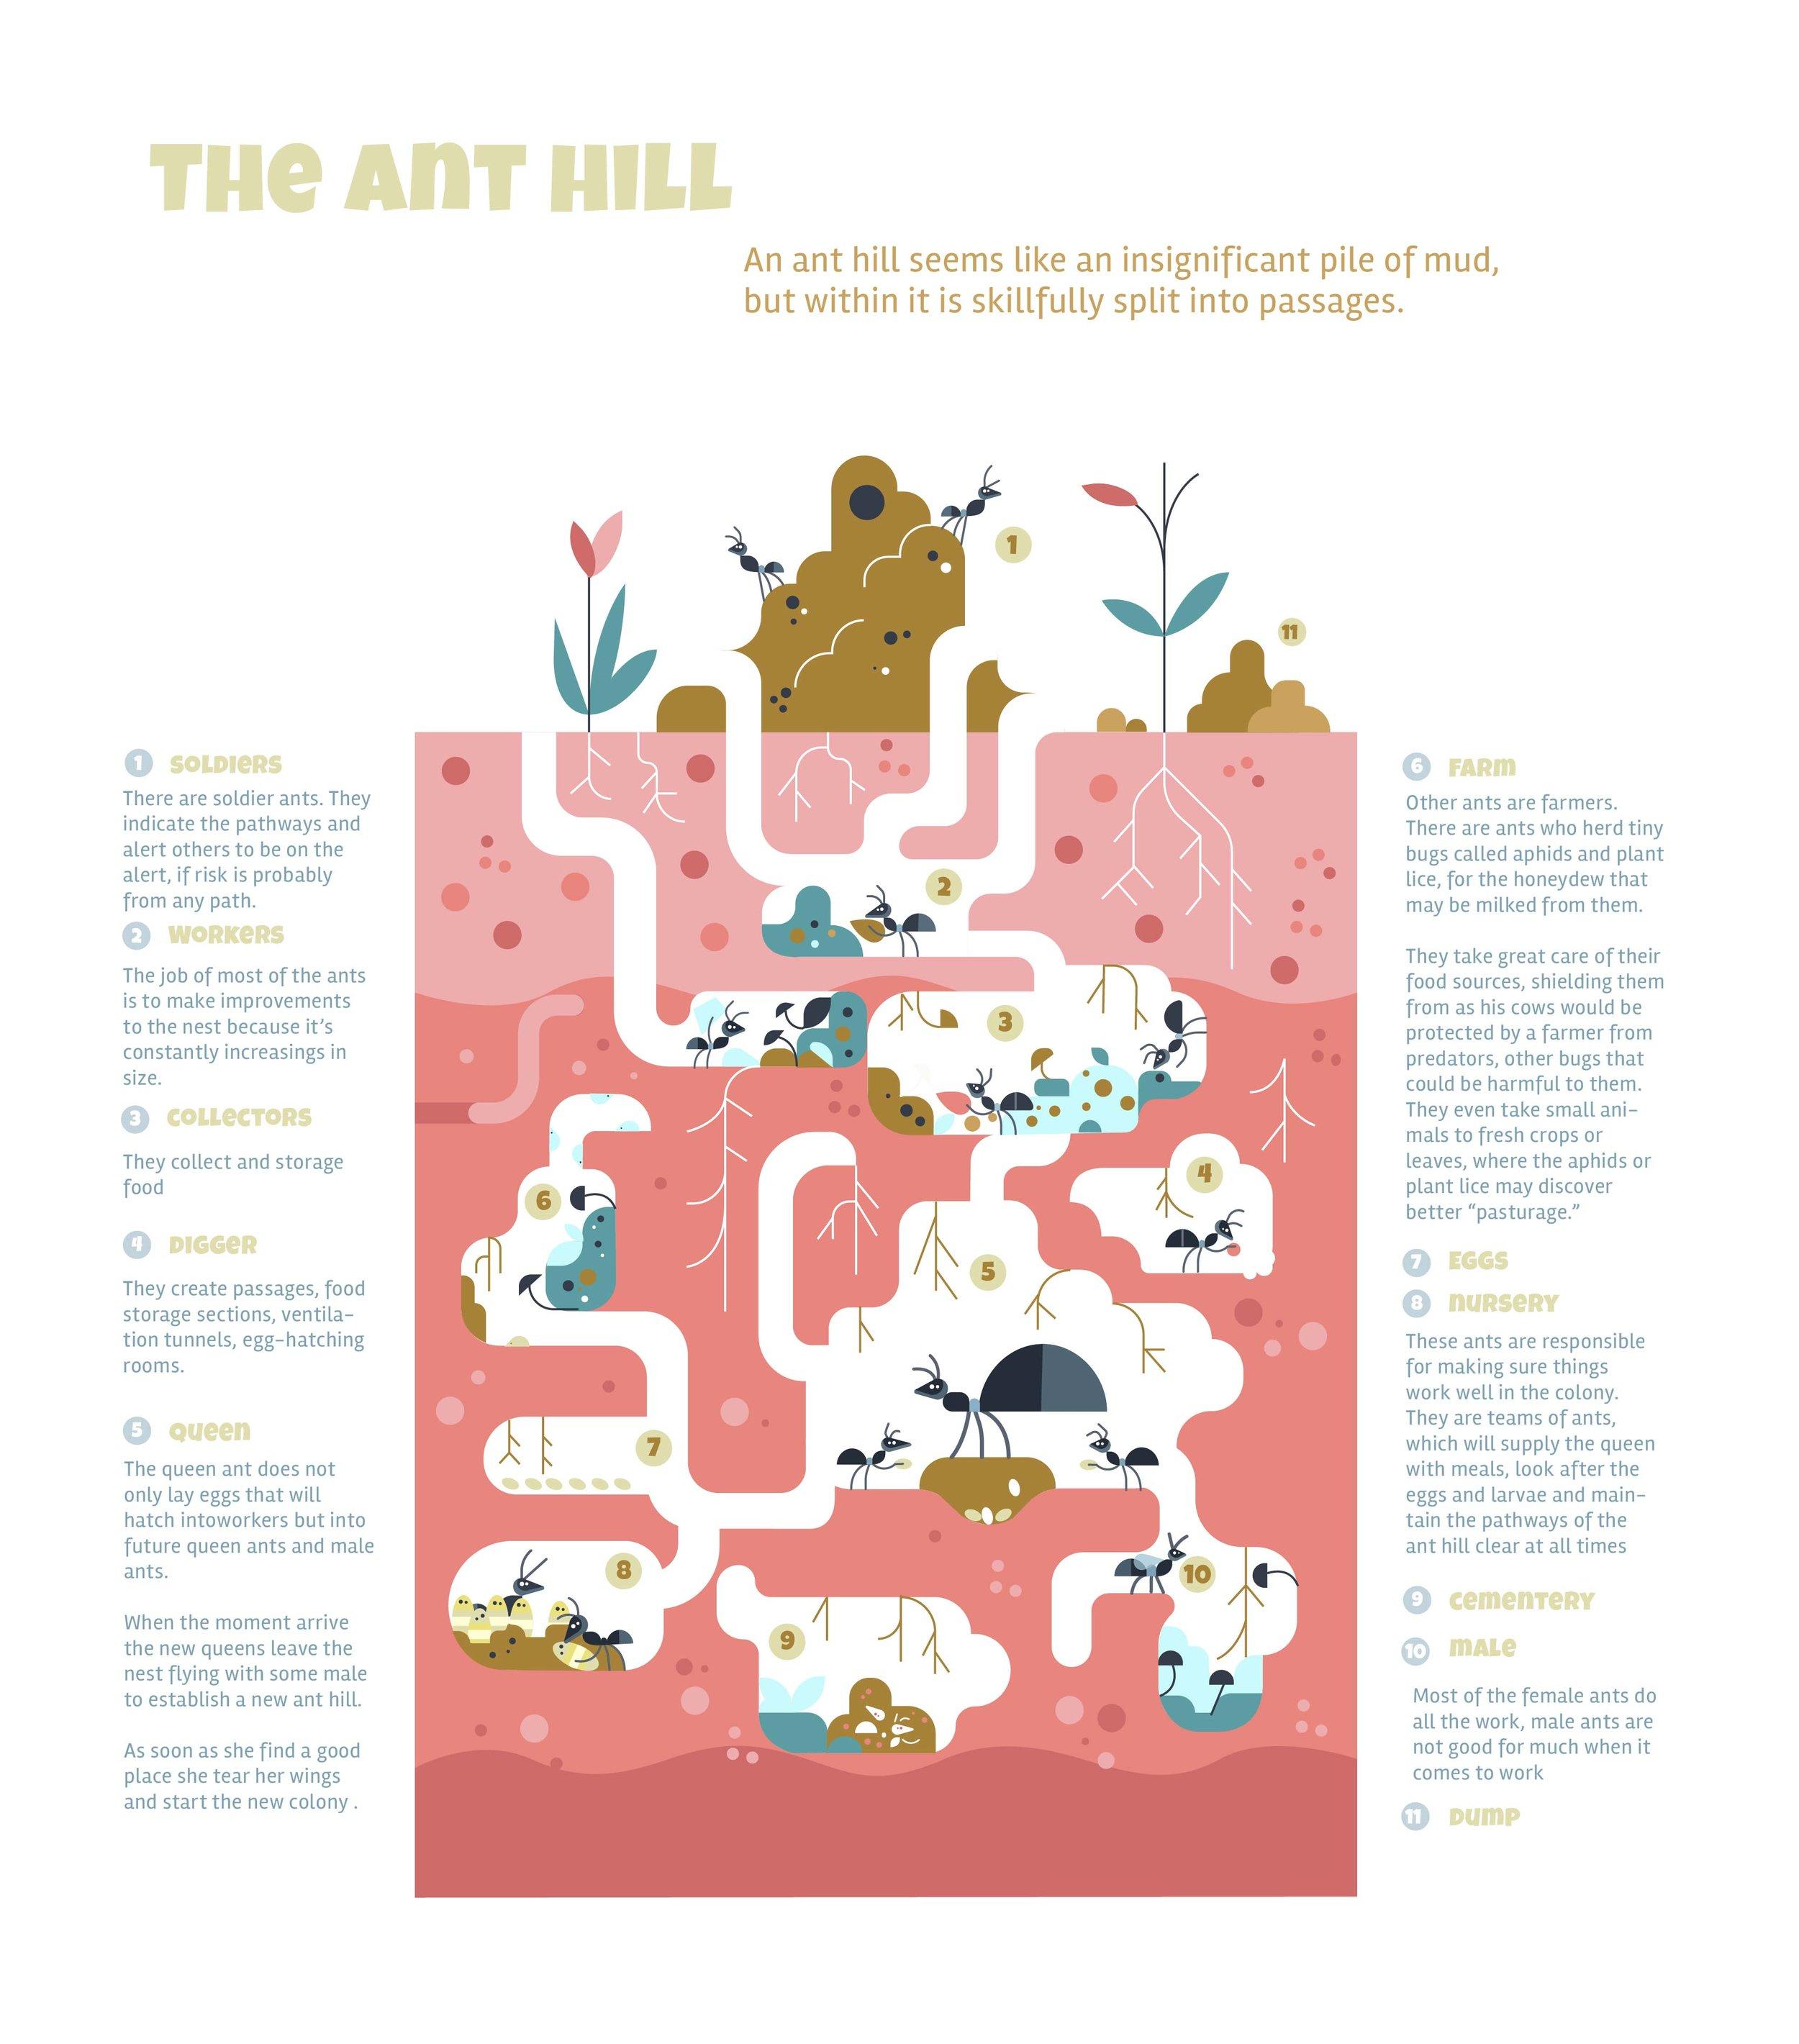 hormuguero, ant hill, info, poster, ants.jpg